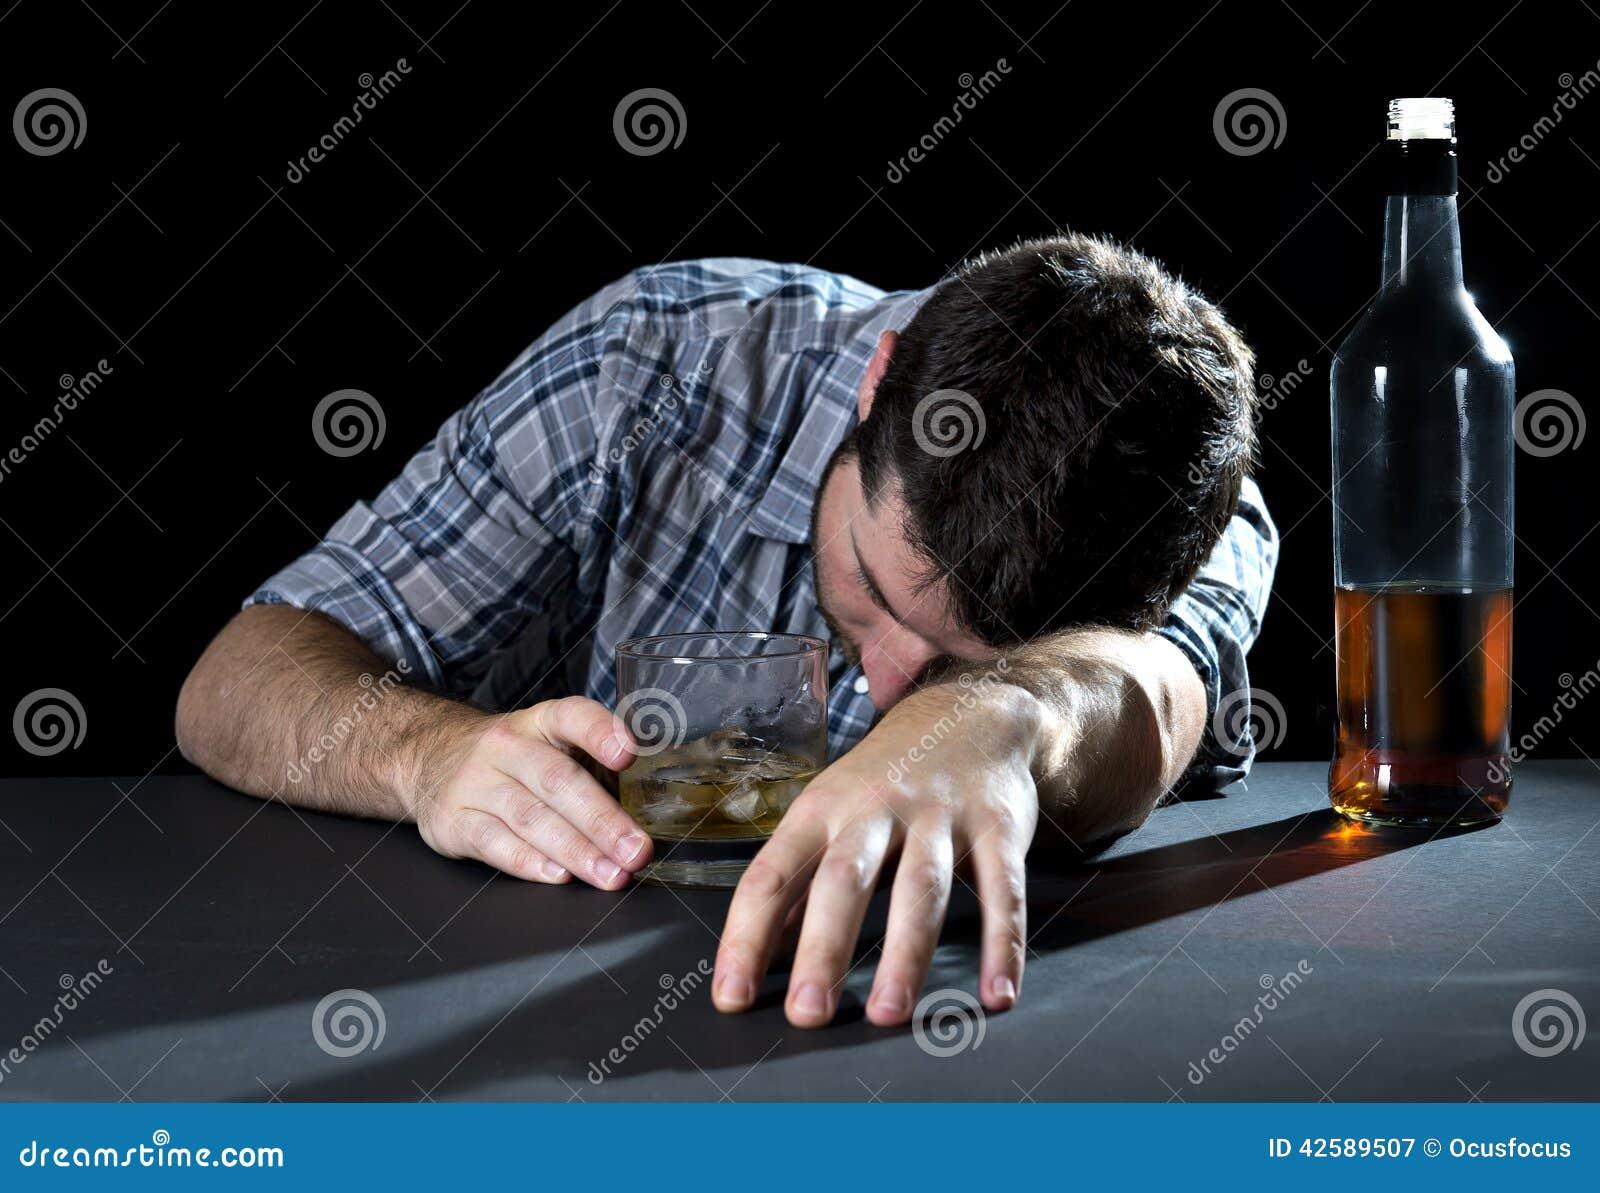 Alcoholisch de whiskyglas van de verslaafdenmens gedronken slaapholding in alcoholismeconcept